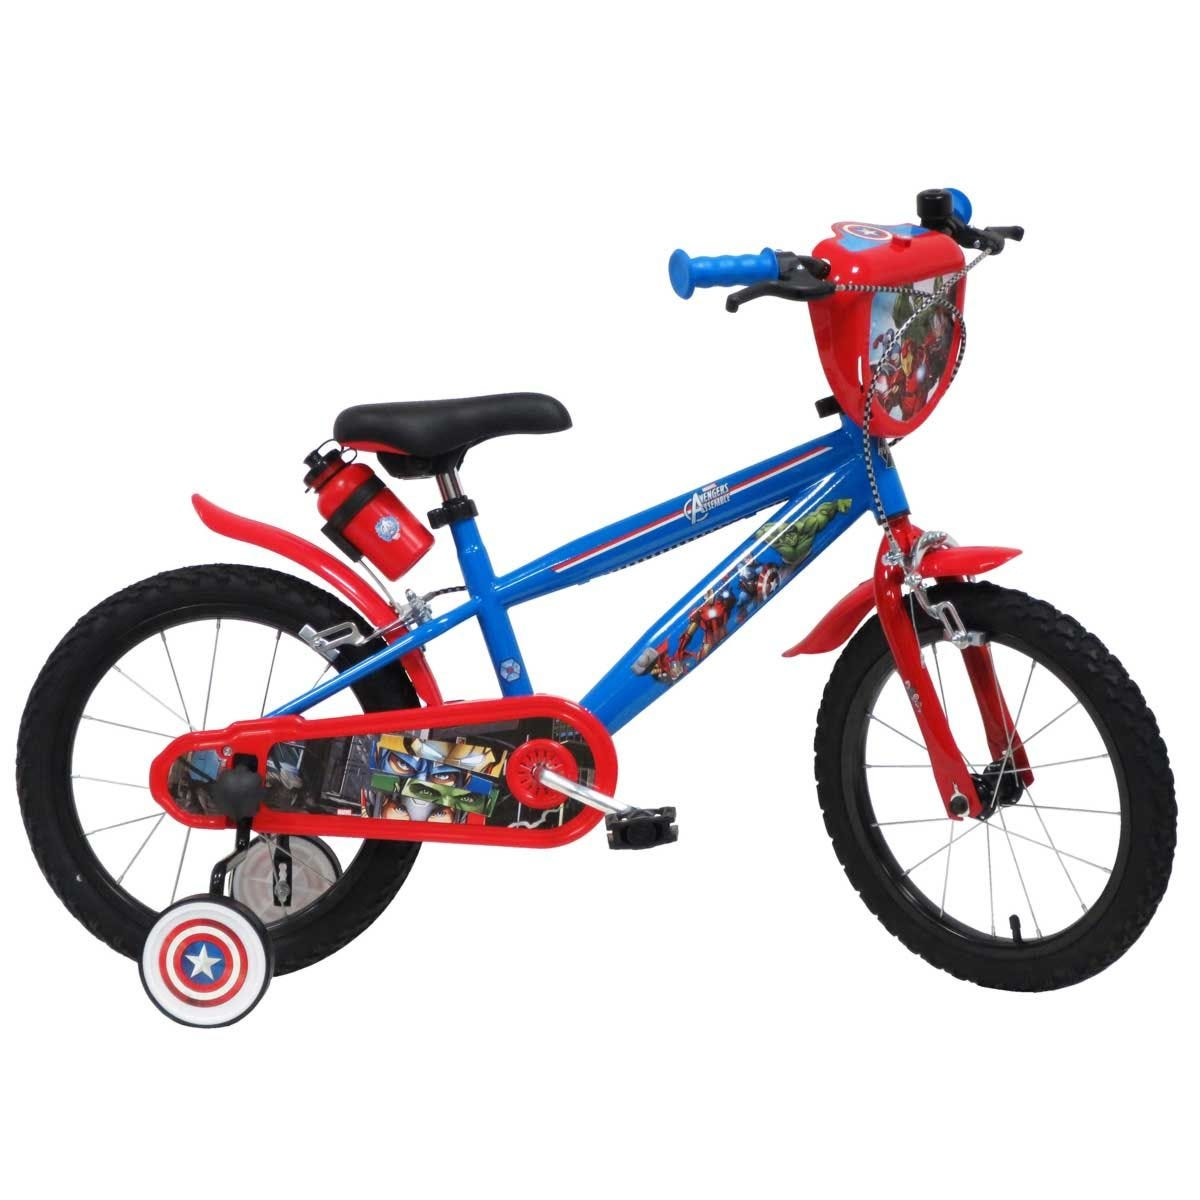 Marvel Avengers Licensed 16'' Kids Bike